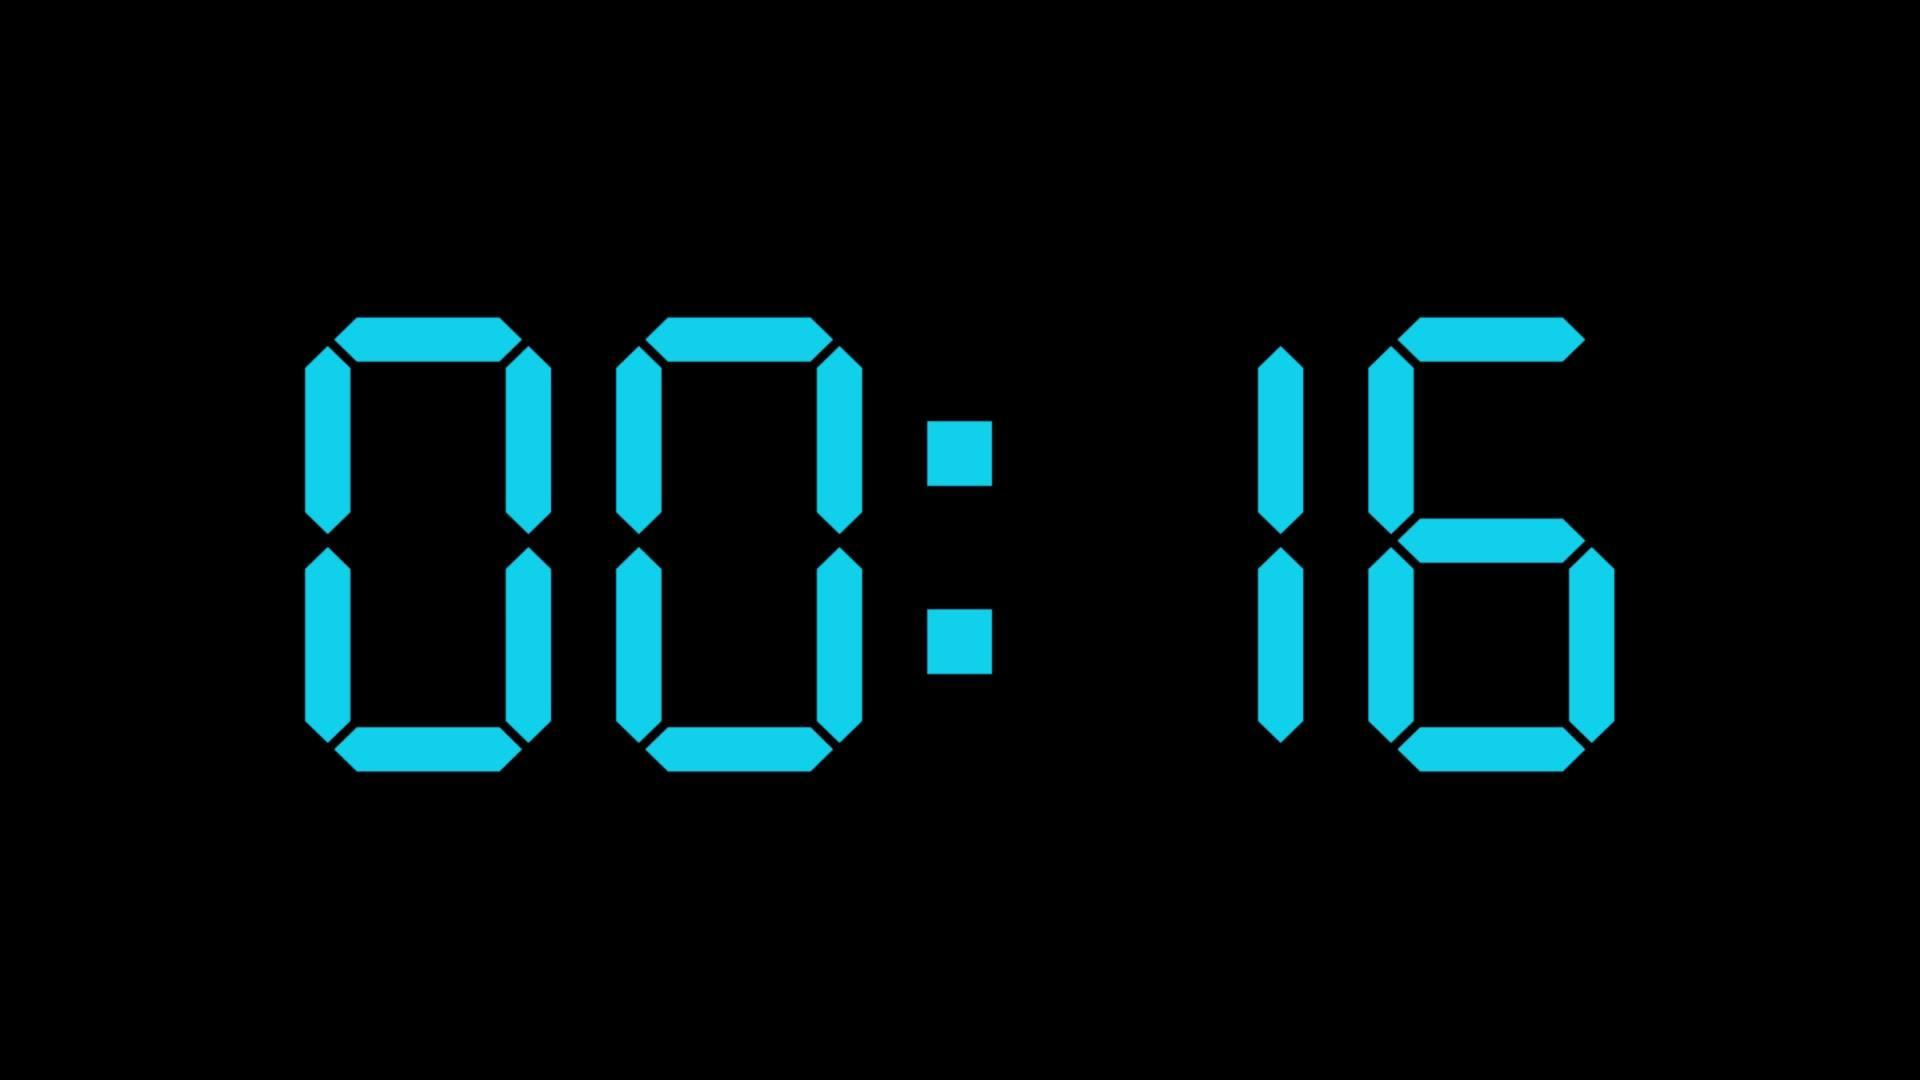 картинки на рабочий стол электронные часы бегунок, обычно демонстрирующий